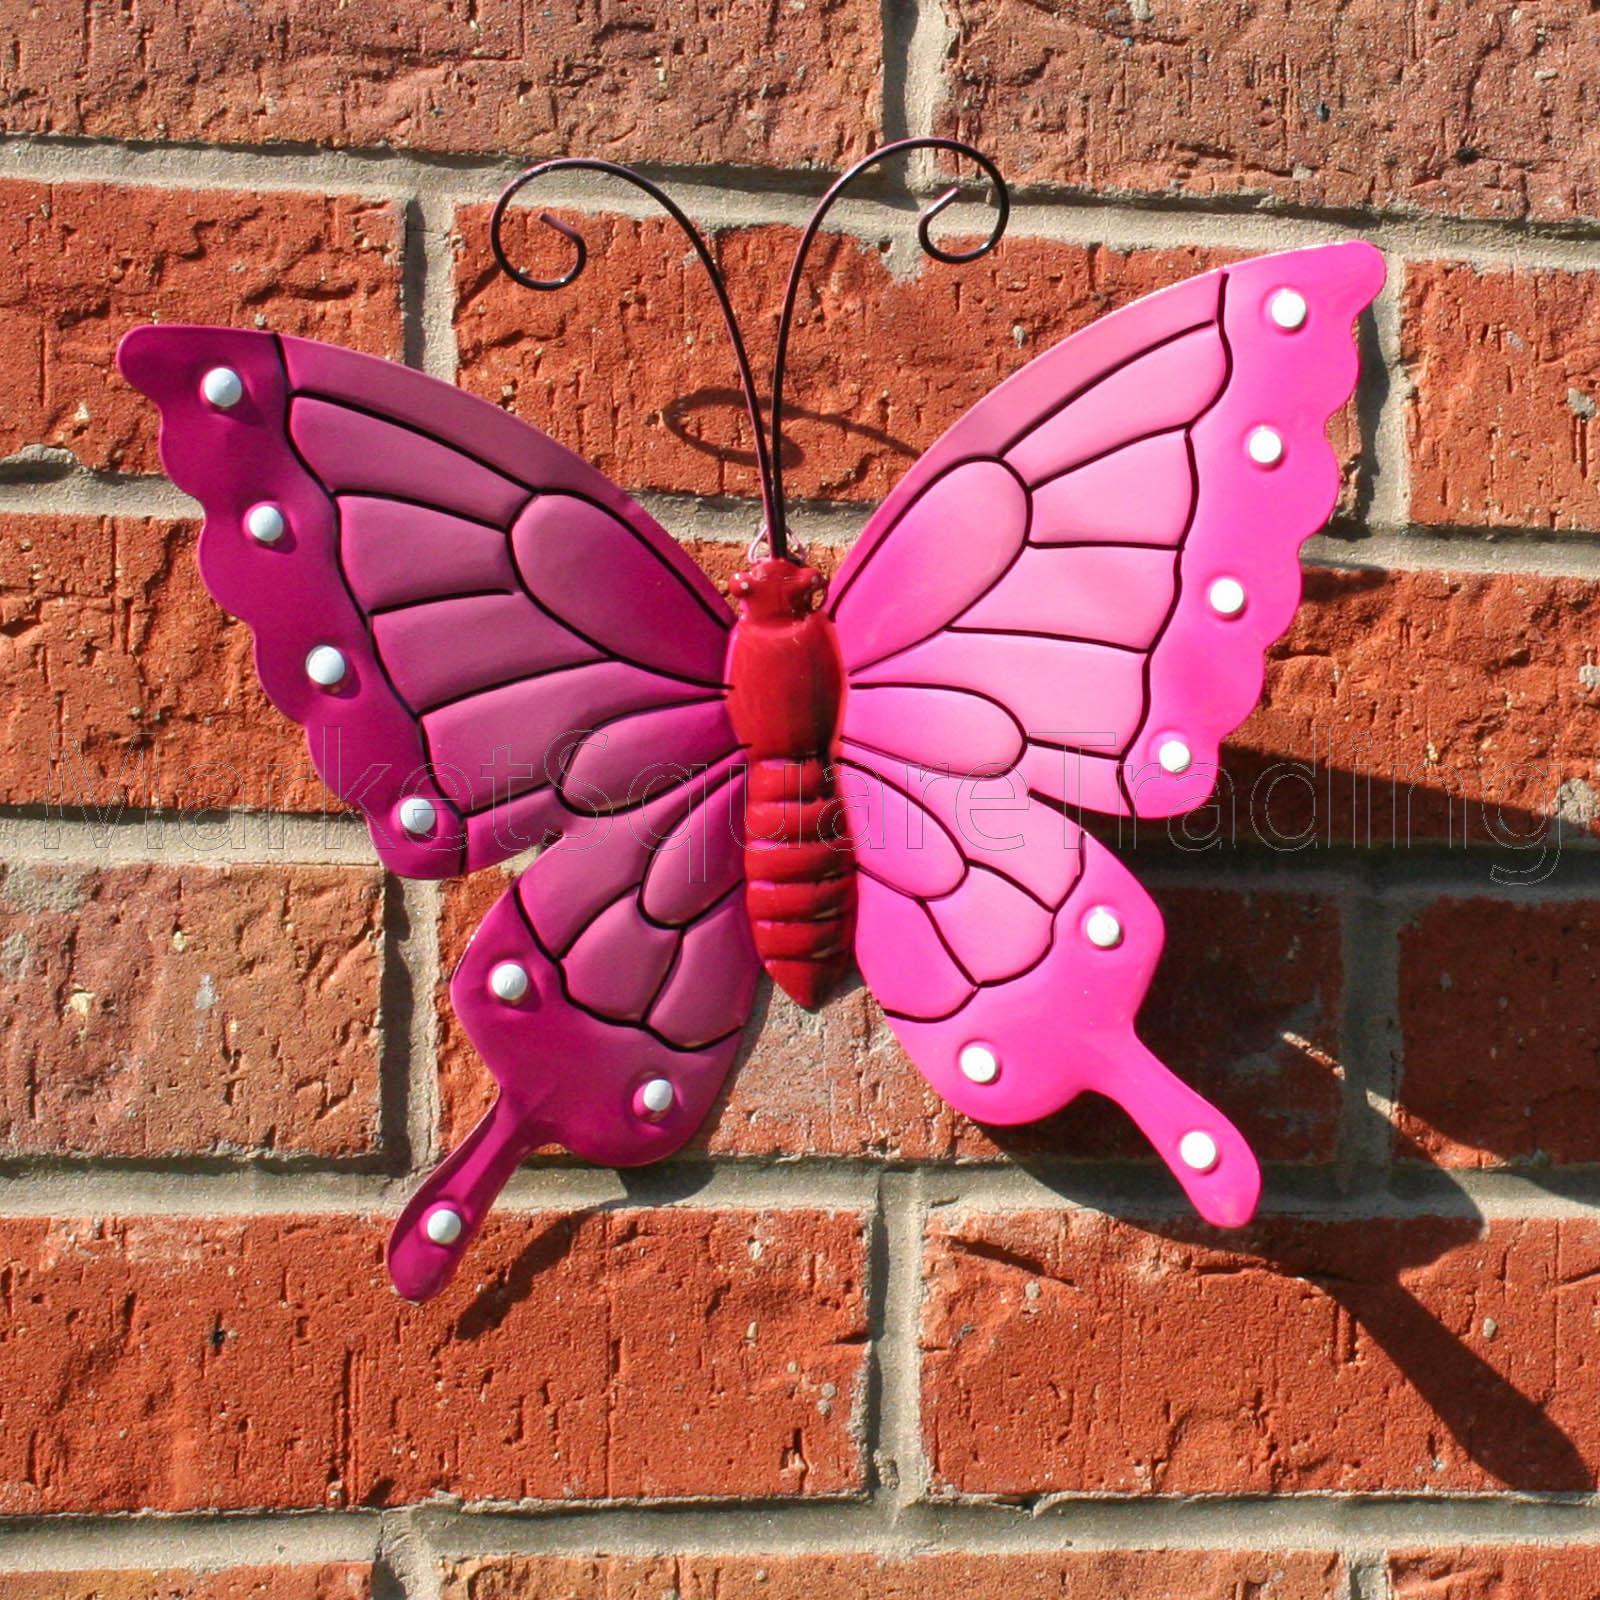 BUTTERFLY LARGE PINK METAL BUTTERFLIES WALL ART OUTDOOR ...